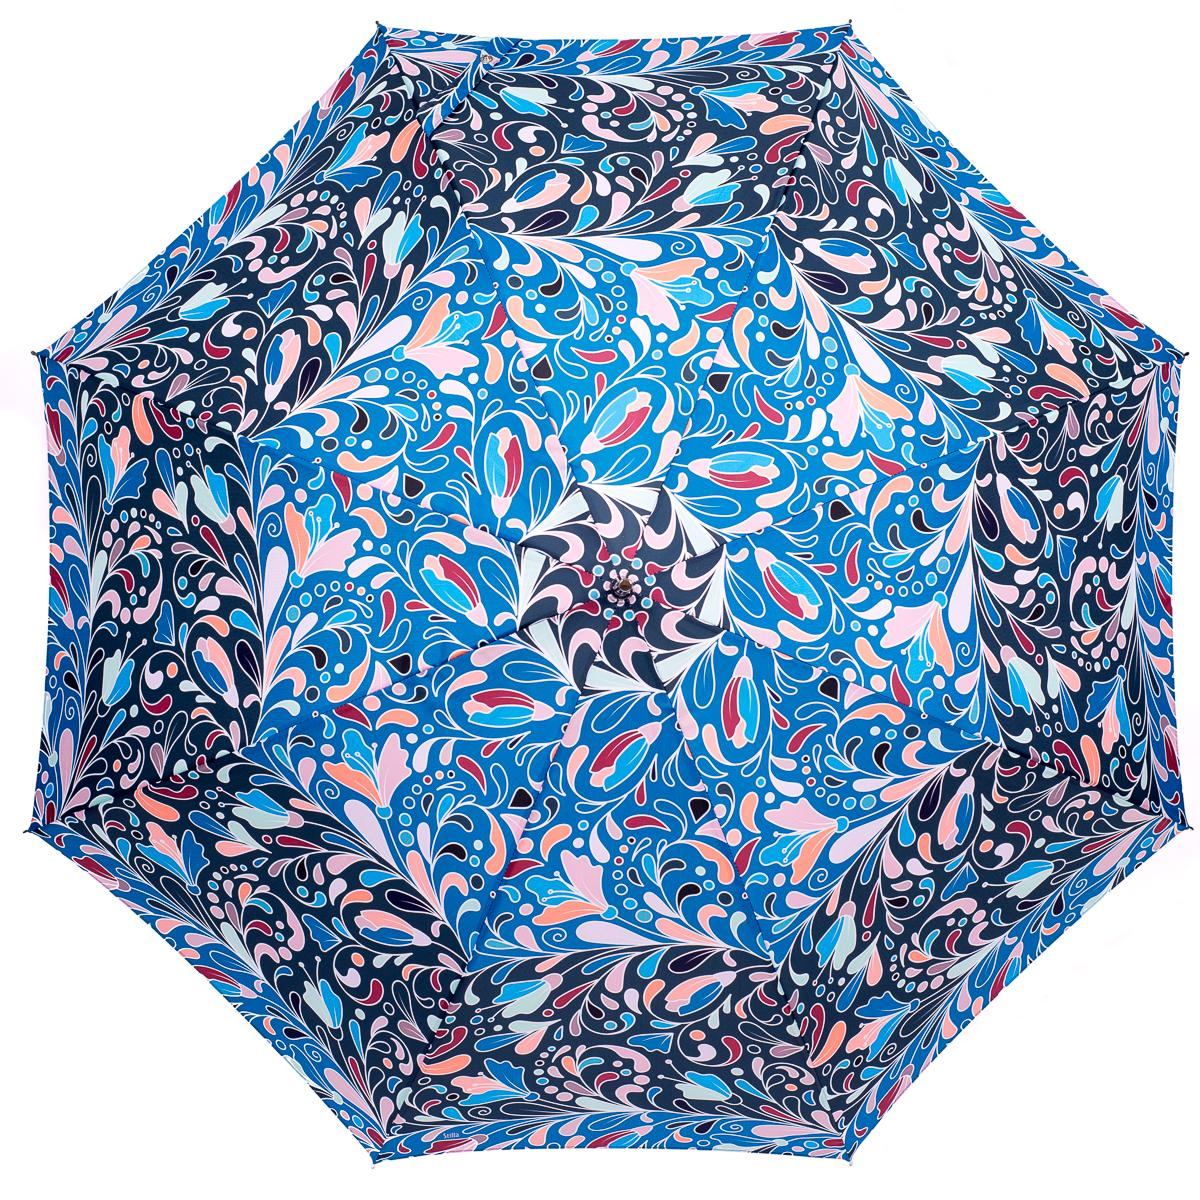 Зонт-трость женский Stilla, цвет: голубой. 772/2 auto1003-ZK1268/zЗонт-трость. Автоматическое открытие, спицы и шток из высококарбонистой стали. Ткань - полиэстер. Диаметр купола 105 см по нижней части. Длина в сложенном состоянии - 95 см.